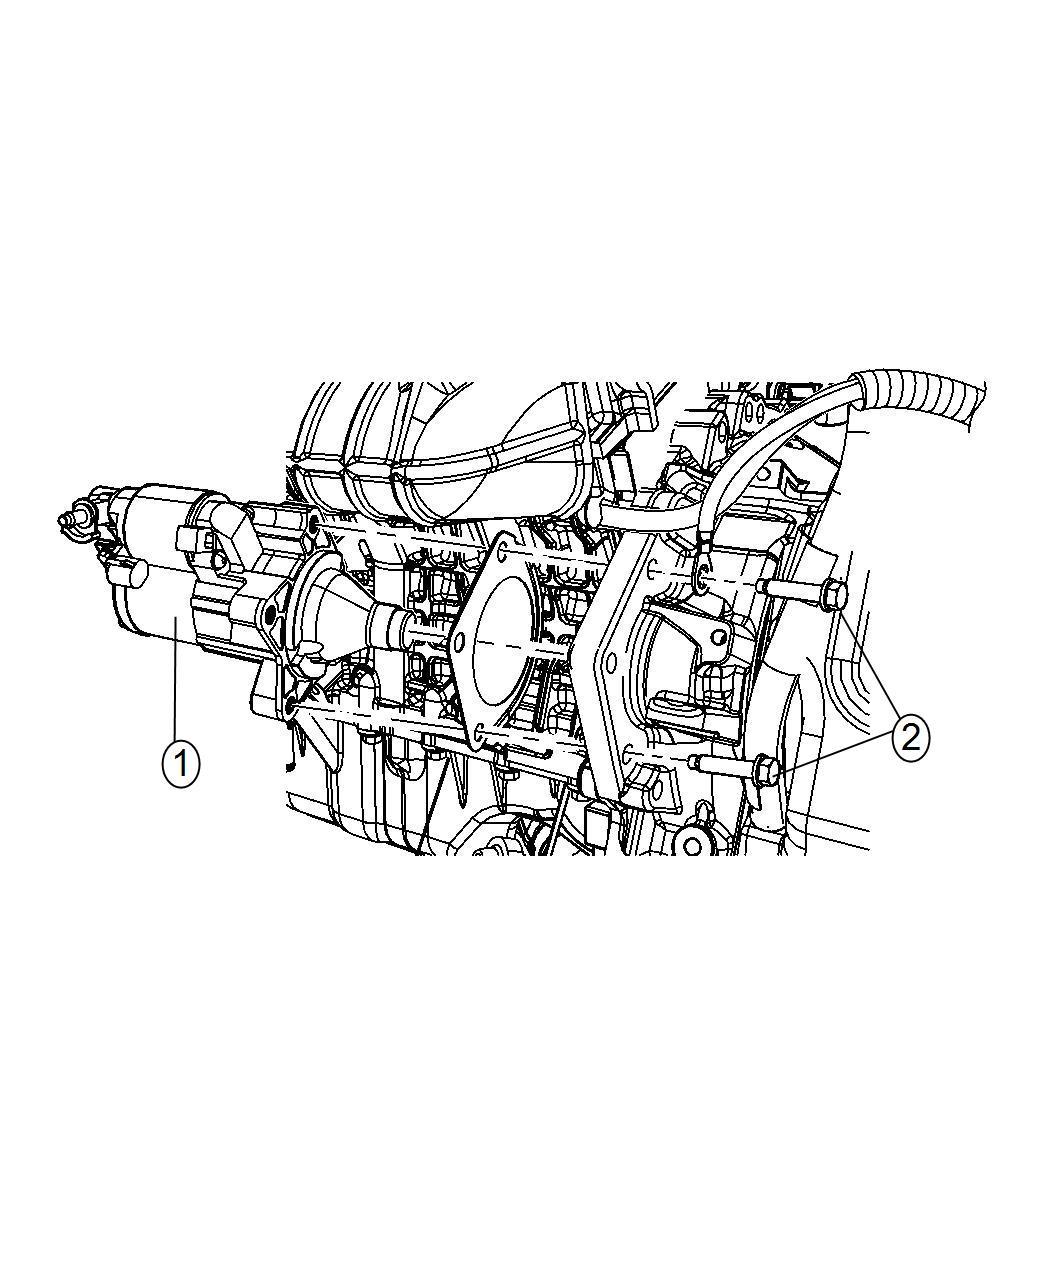 Dodge Ram Starter Engine Remanufactured Power Train